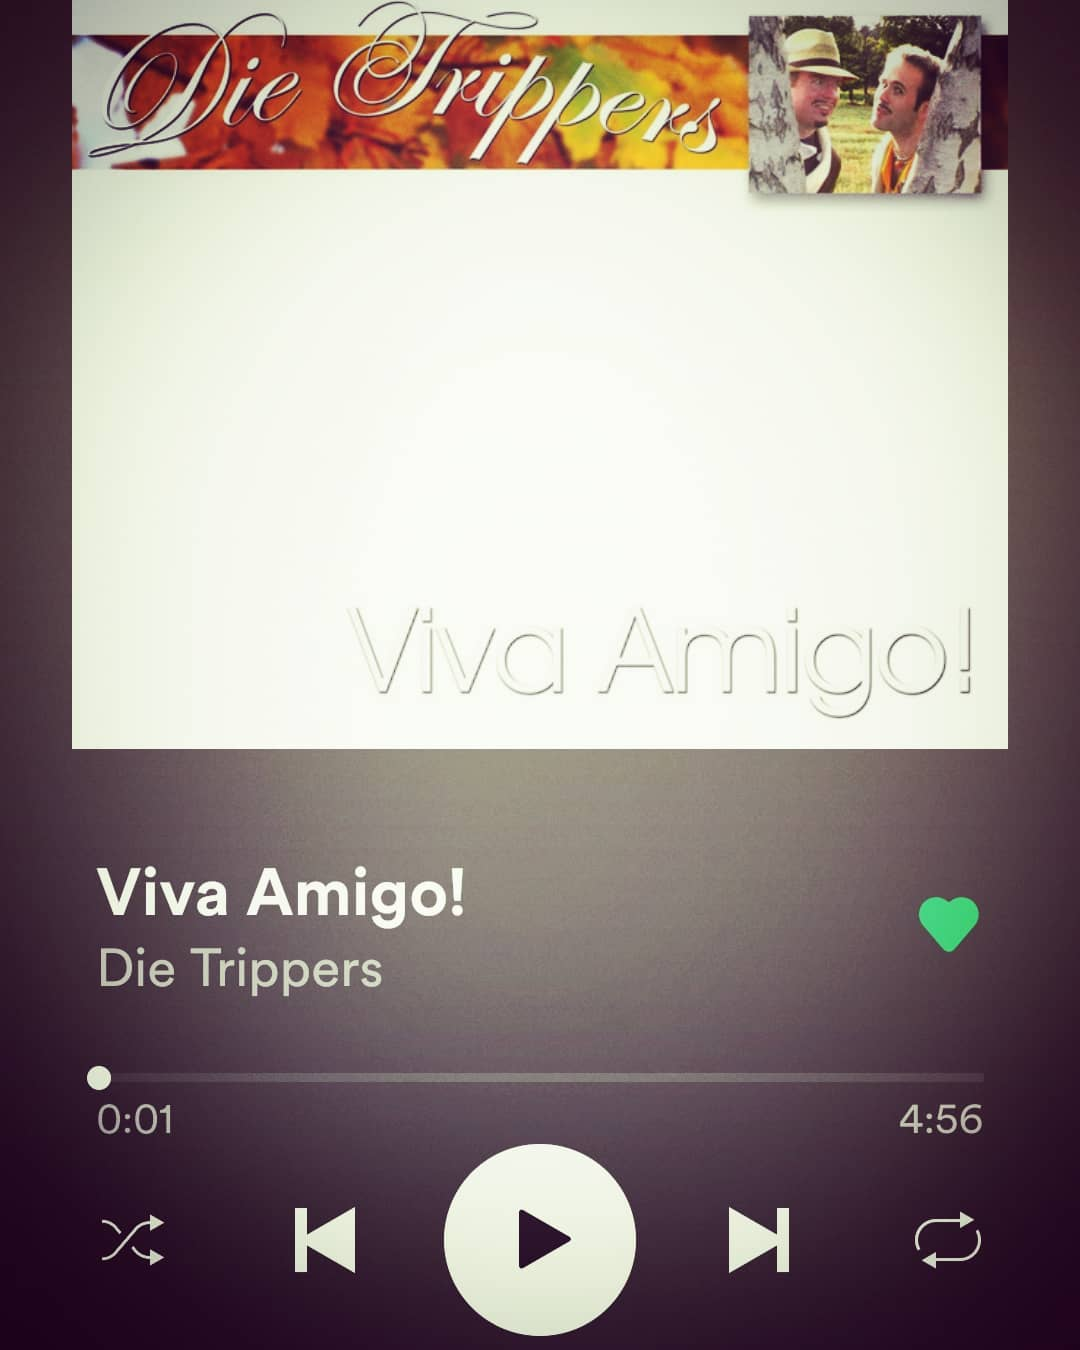 Die Trippers sind da! Bei Spotify, Deezer und im Internet! #outnow #dietrippers #schlagerfuzzis